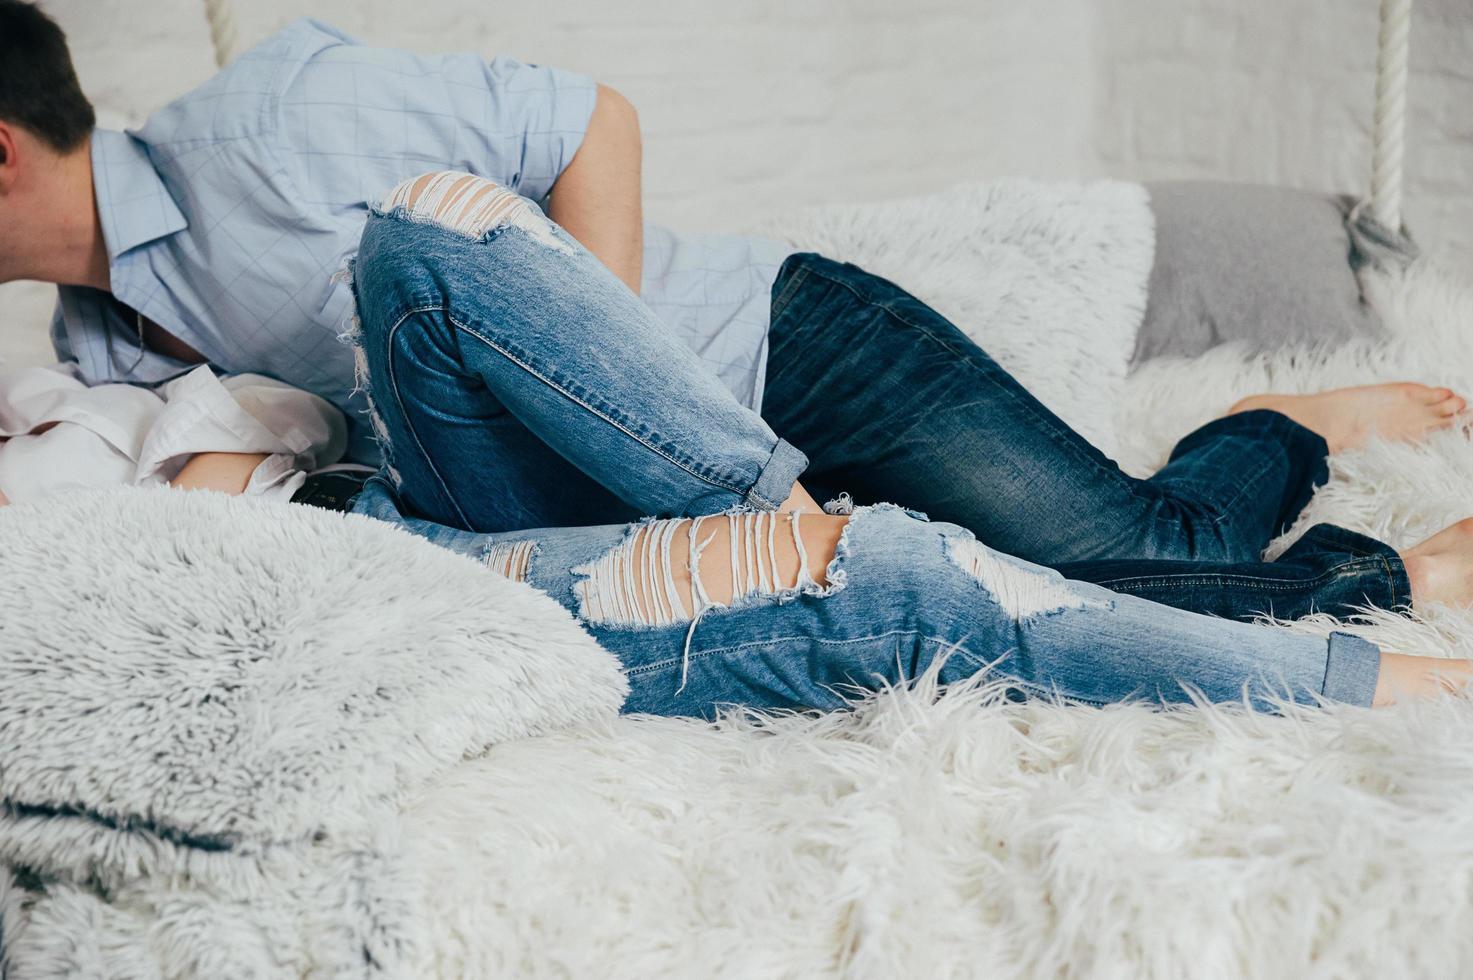 ein Paar in Jeans und Hemden auf einem weißen Hängebett foto